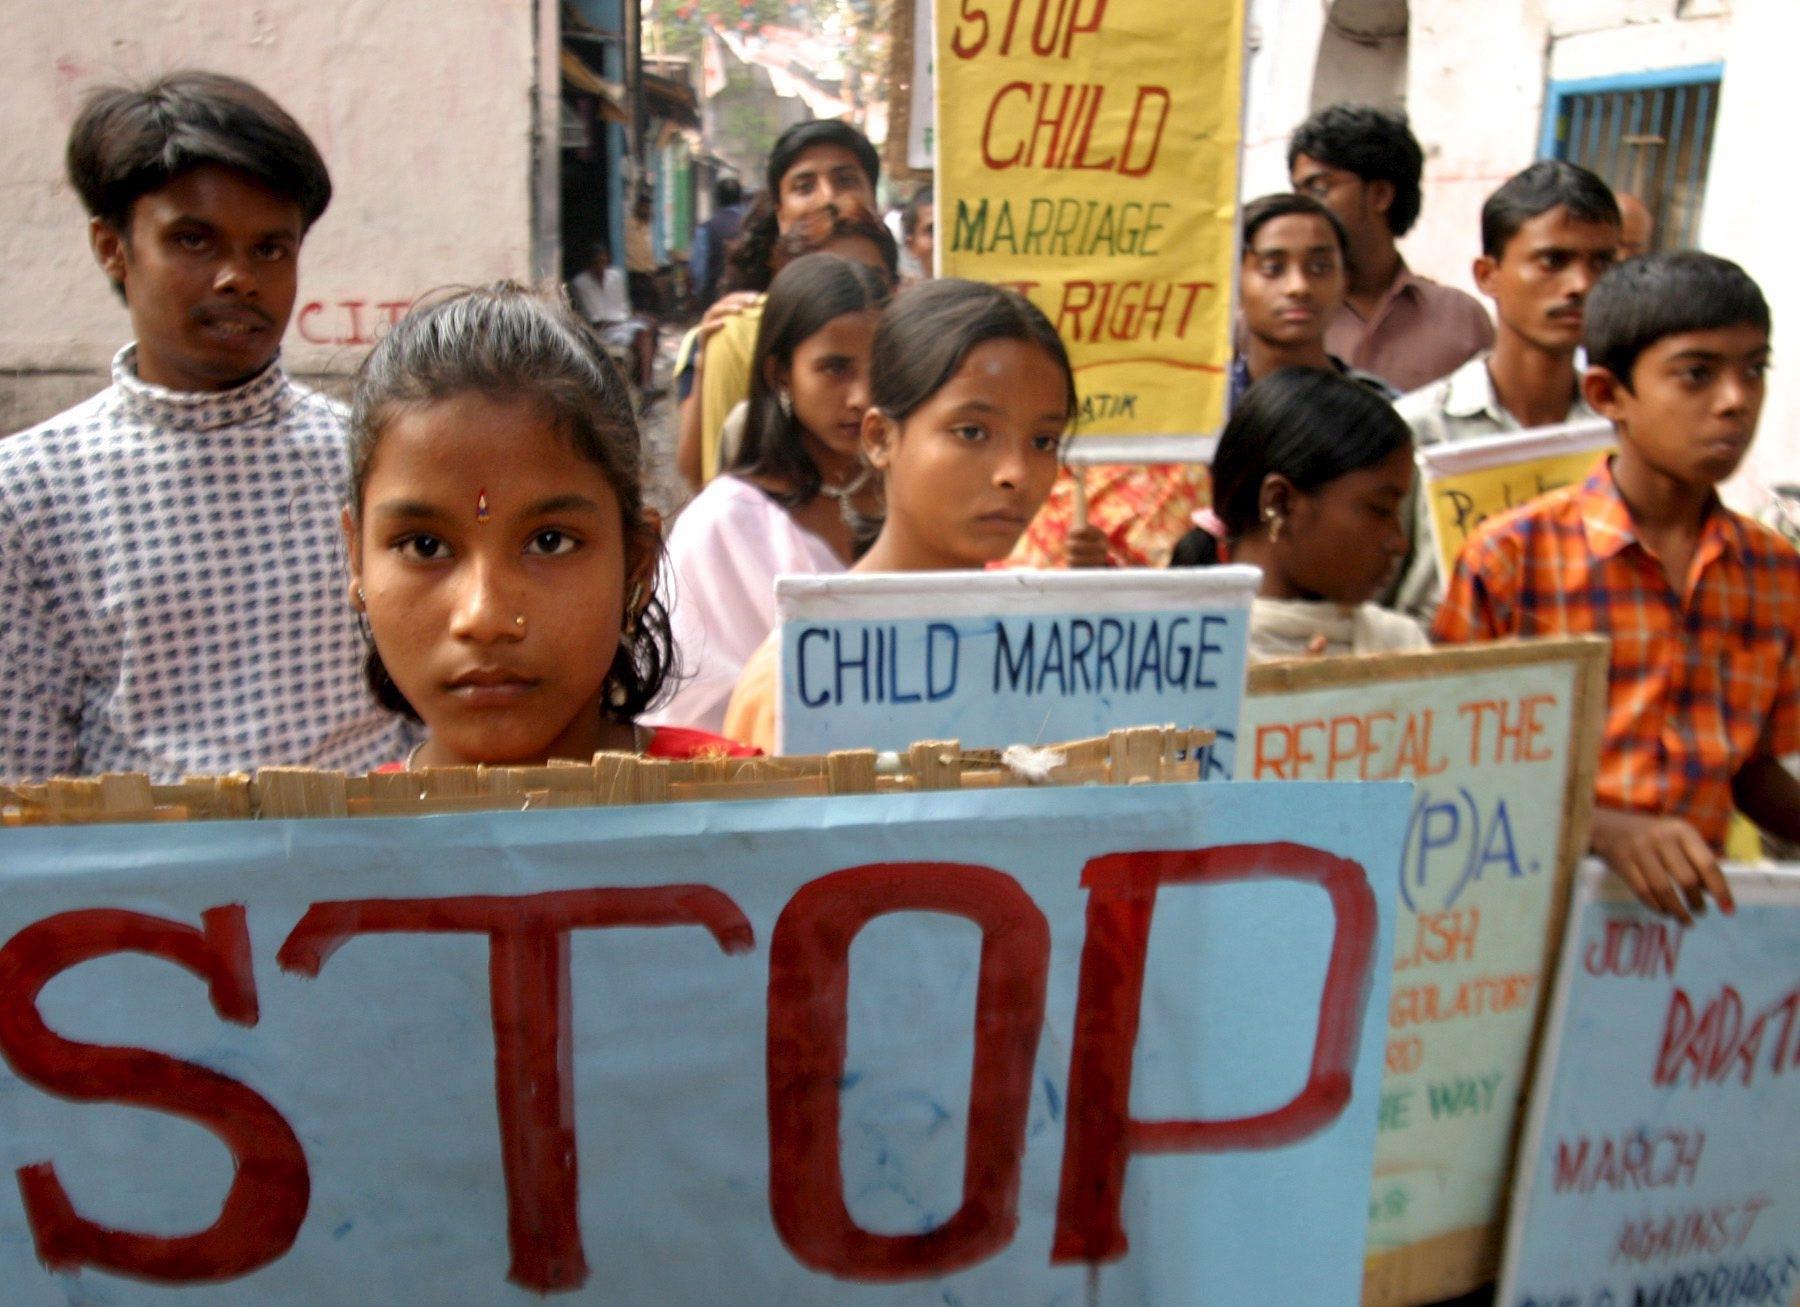 una-protesta-in-india-contro-il-matrimonio-delle-bambine-foto-ansa